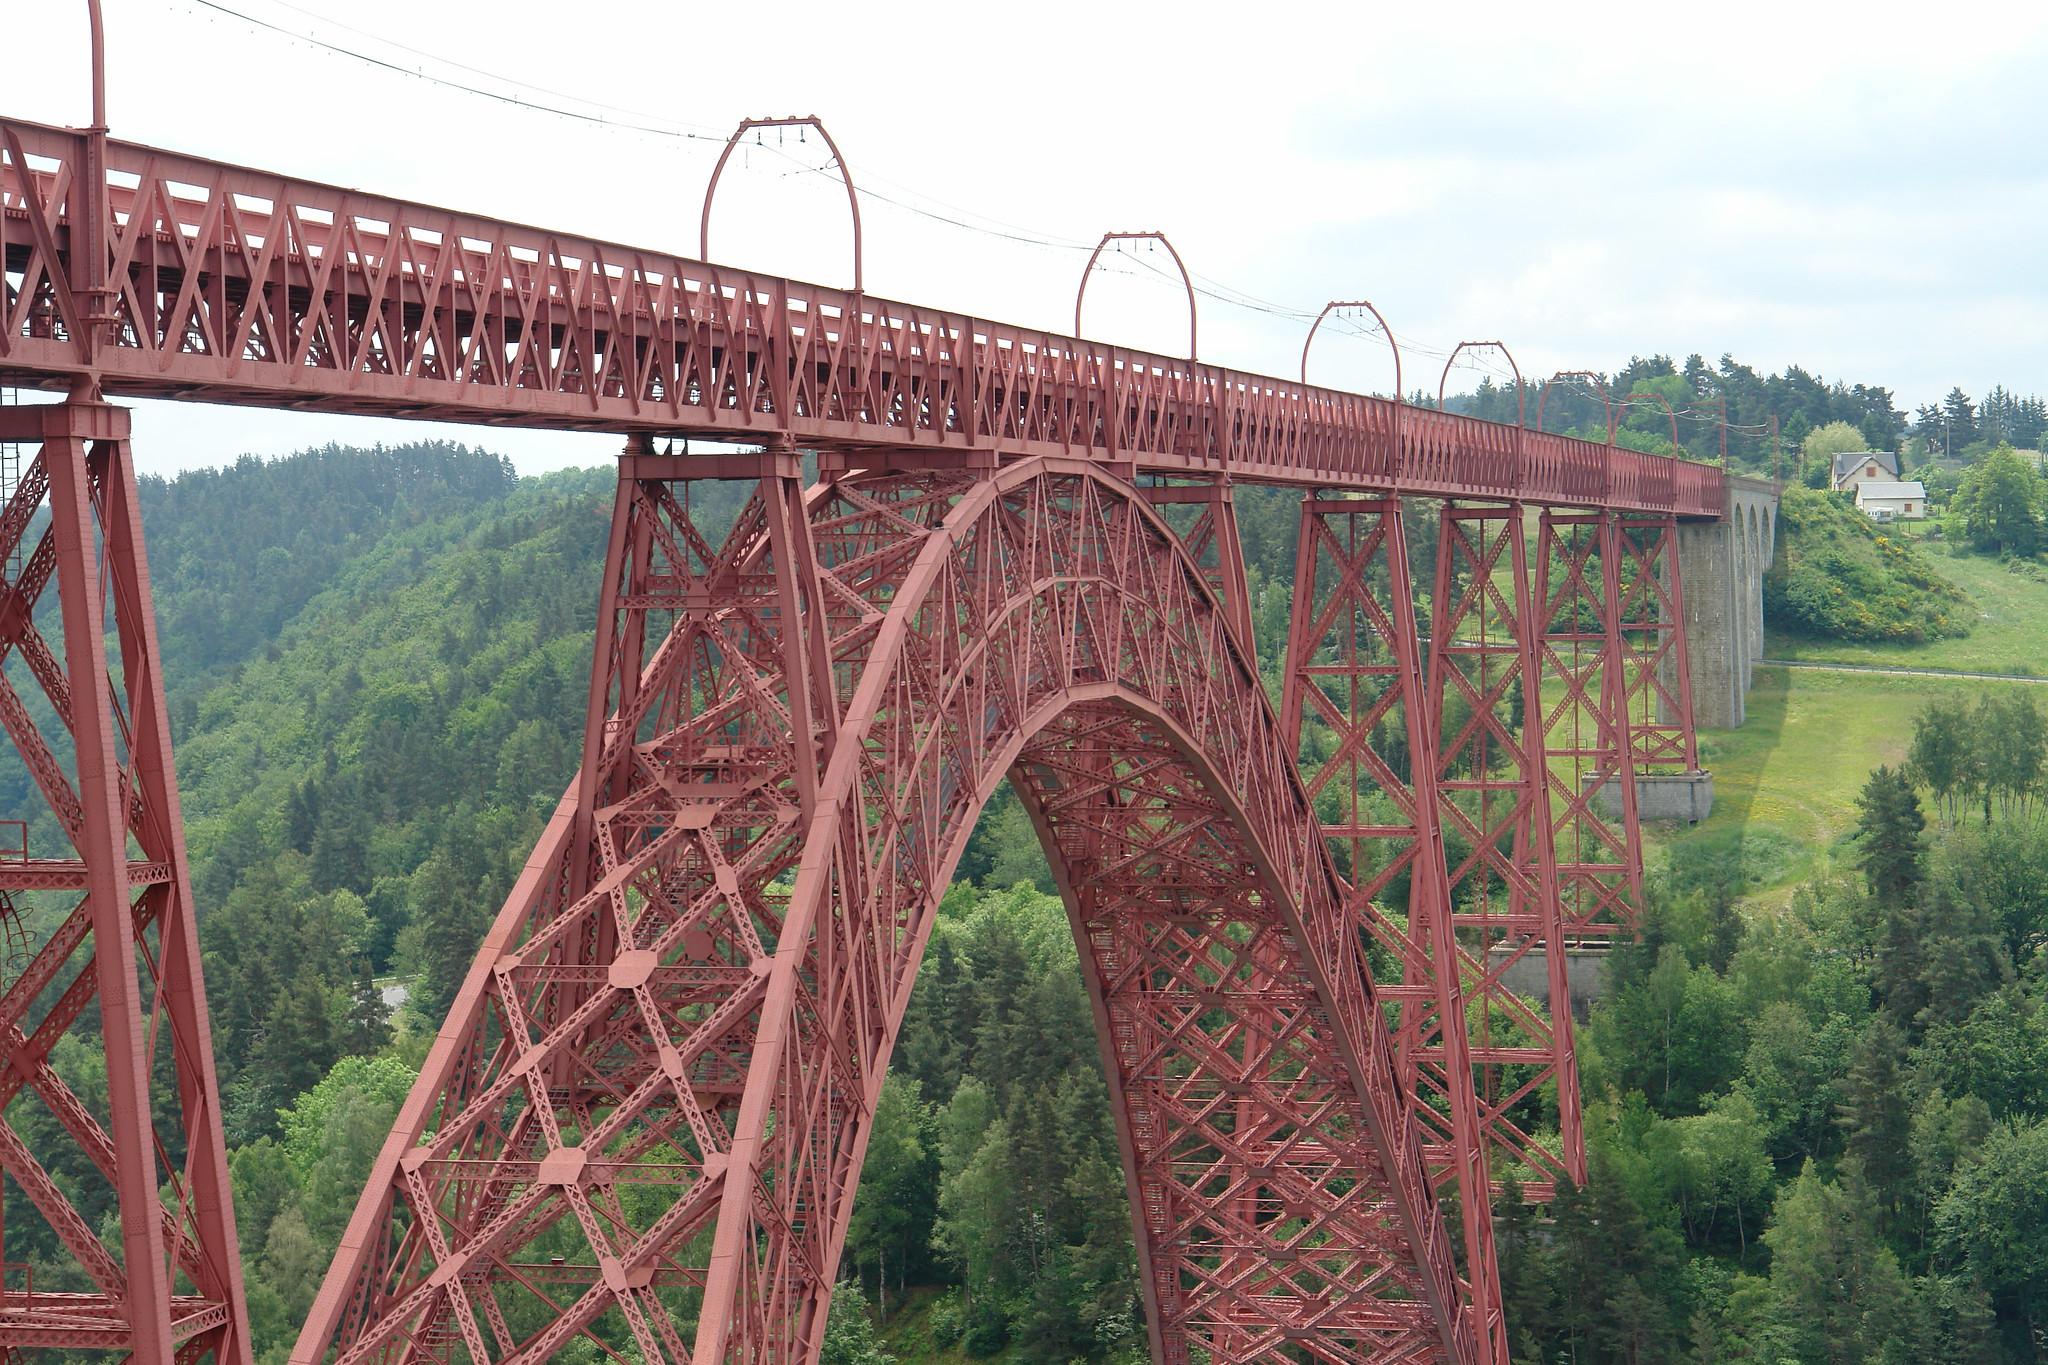 19世紀開通の「ガラビ橋」、映画で使われるほどの美しさ